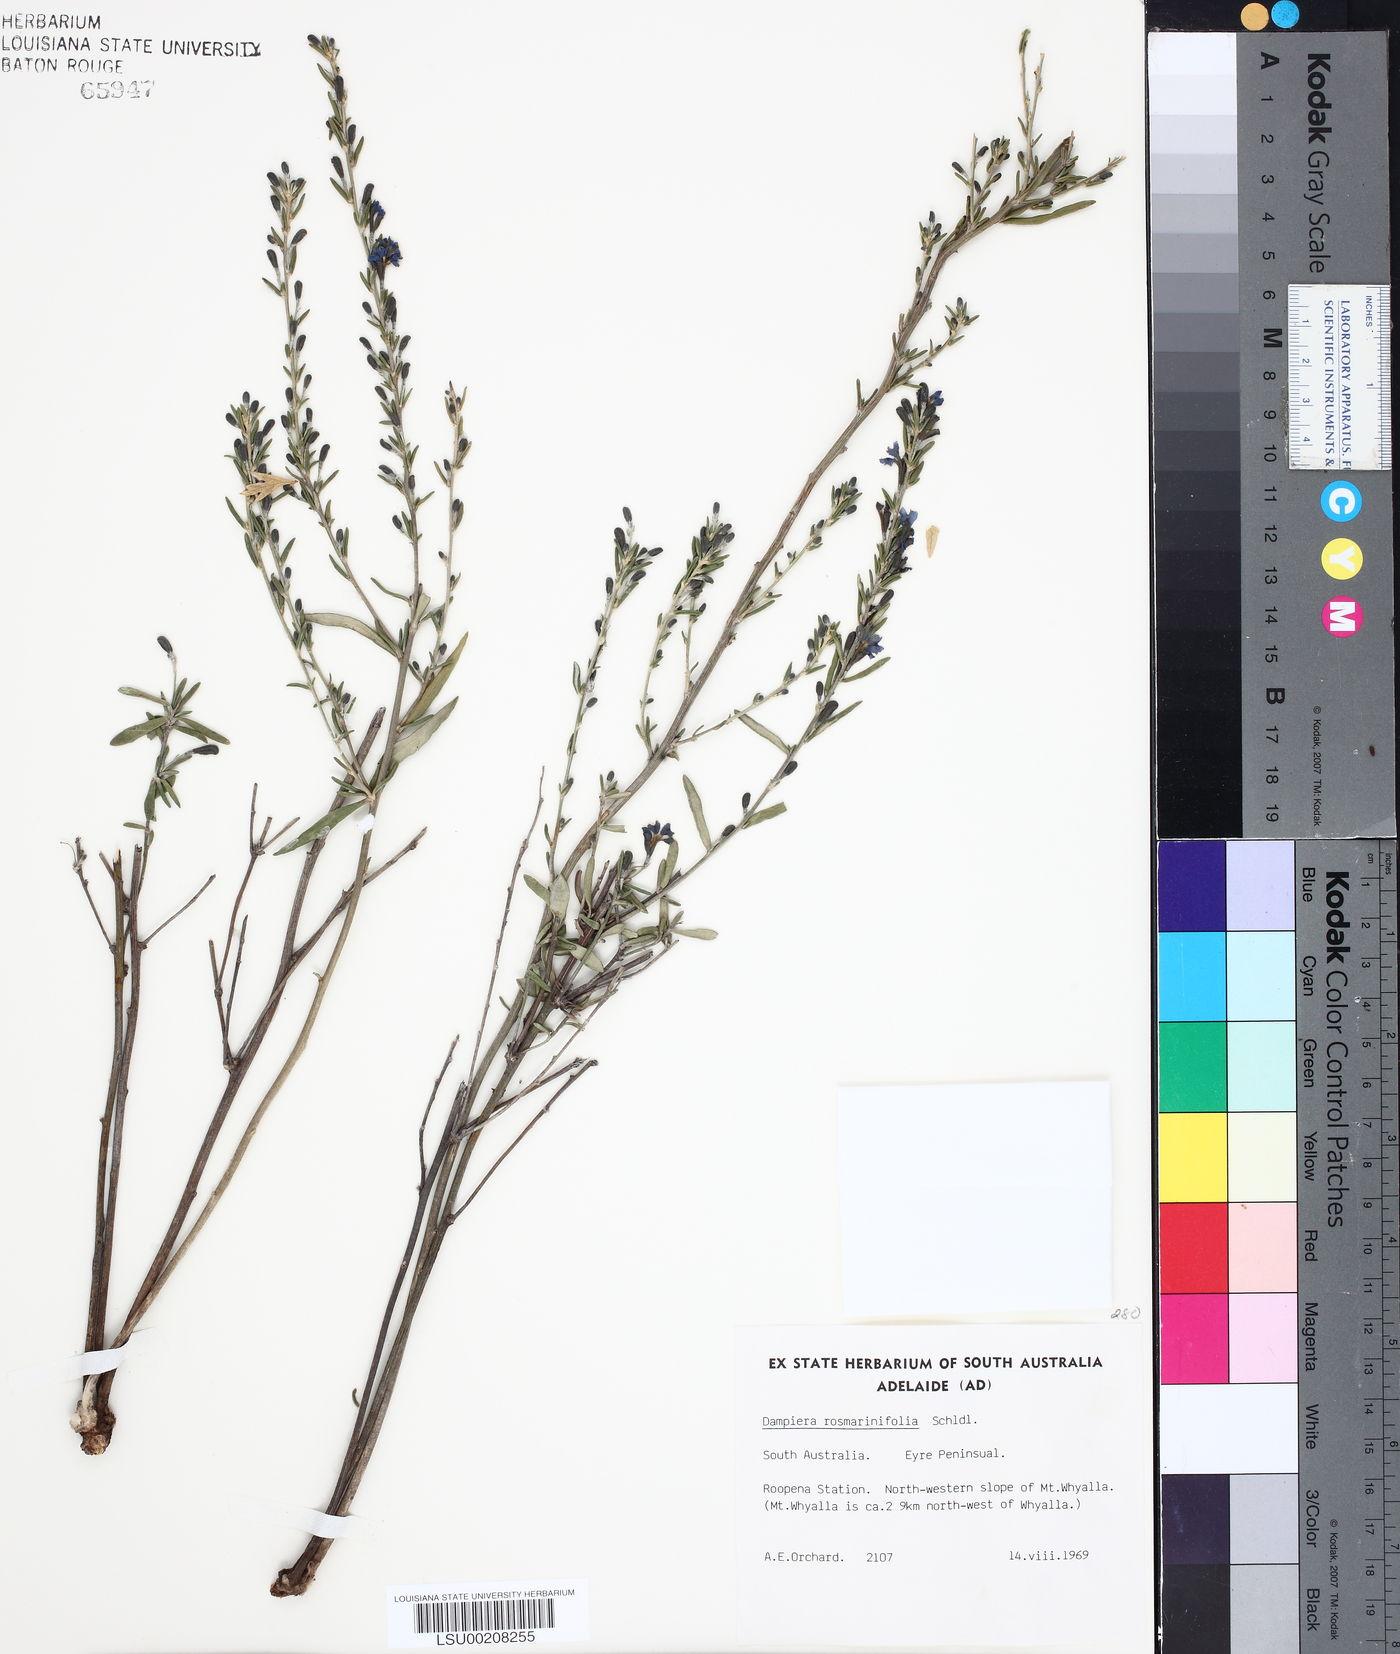 Dampiera rosmarinifolia image